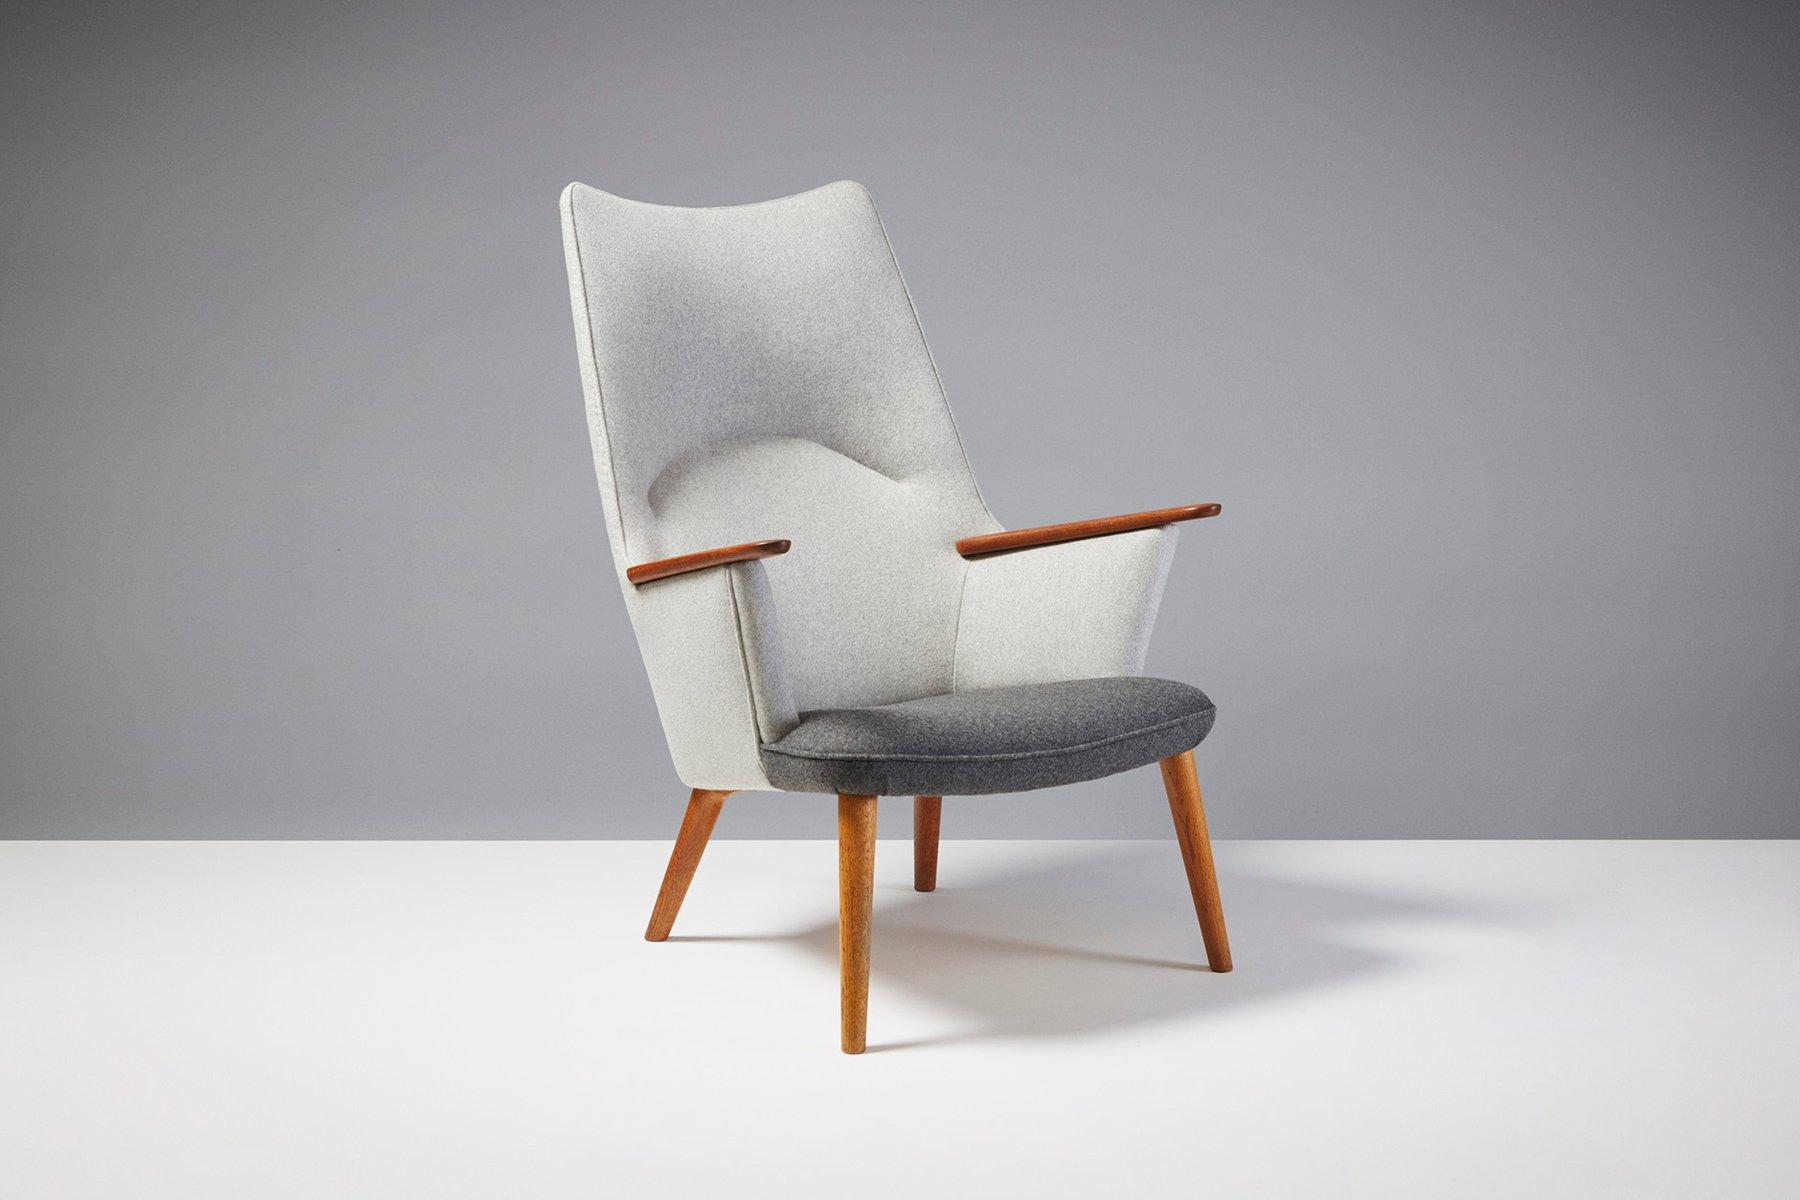 fauteuil ap 27 par hans j wegner pour a p stolen 1950s. Black Bedroom Furniture Sets. Home Design Ideas